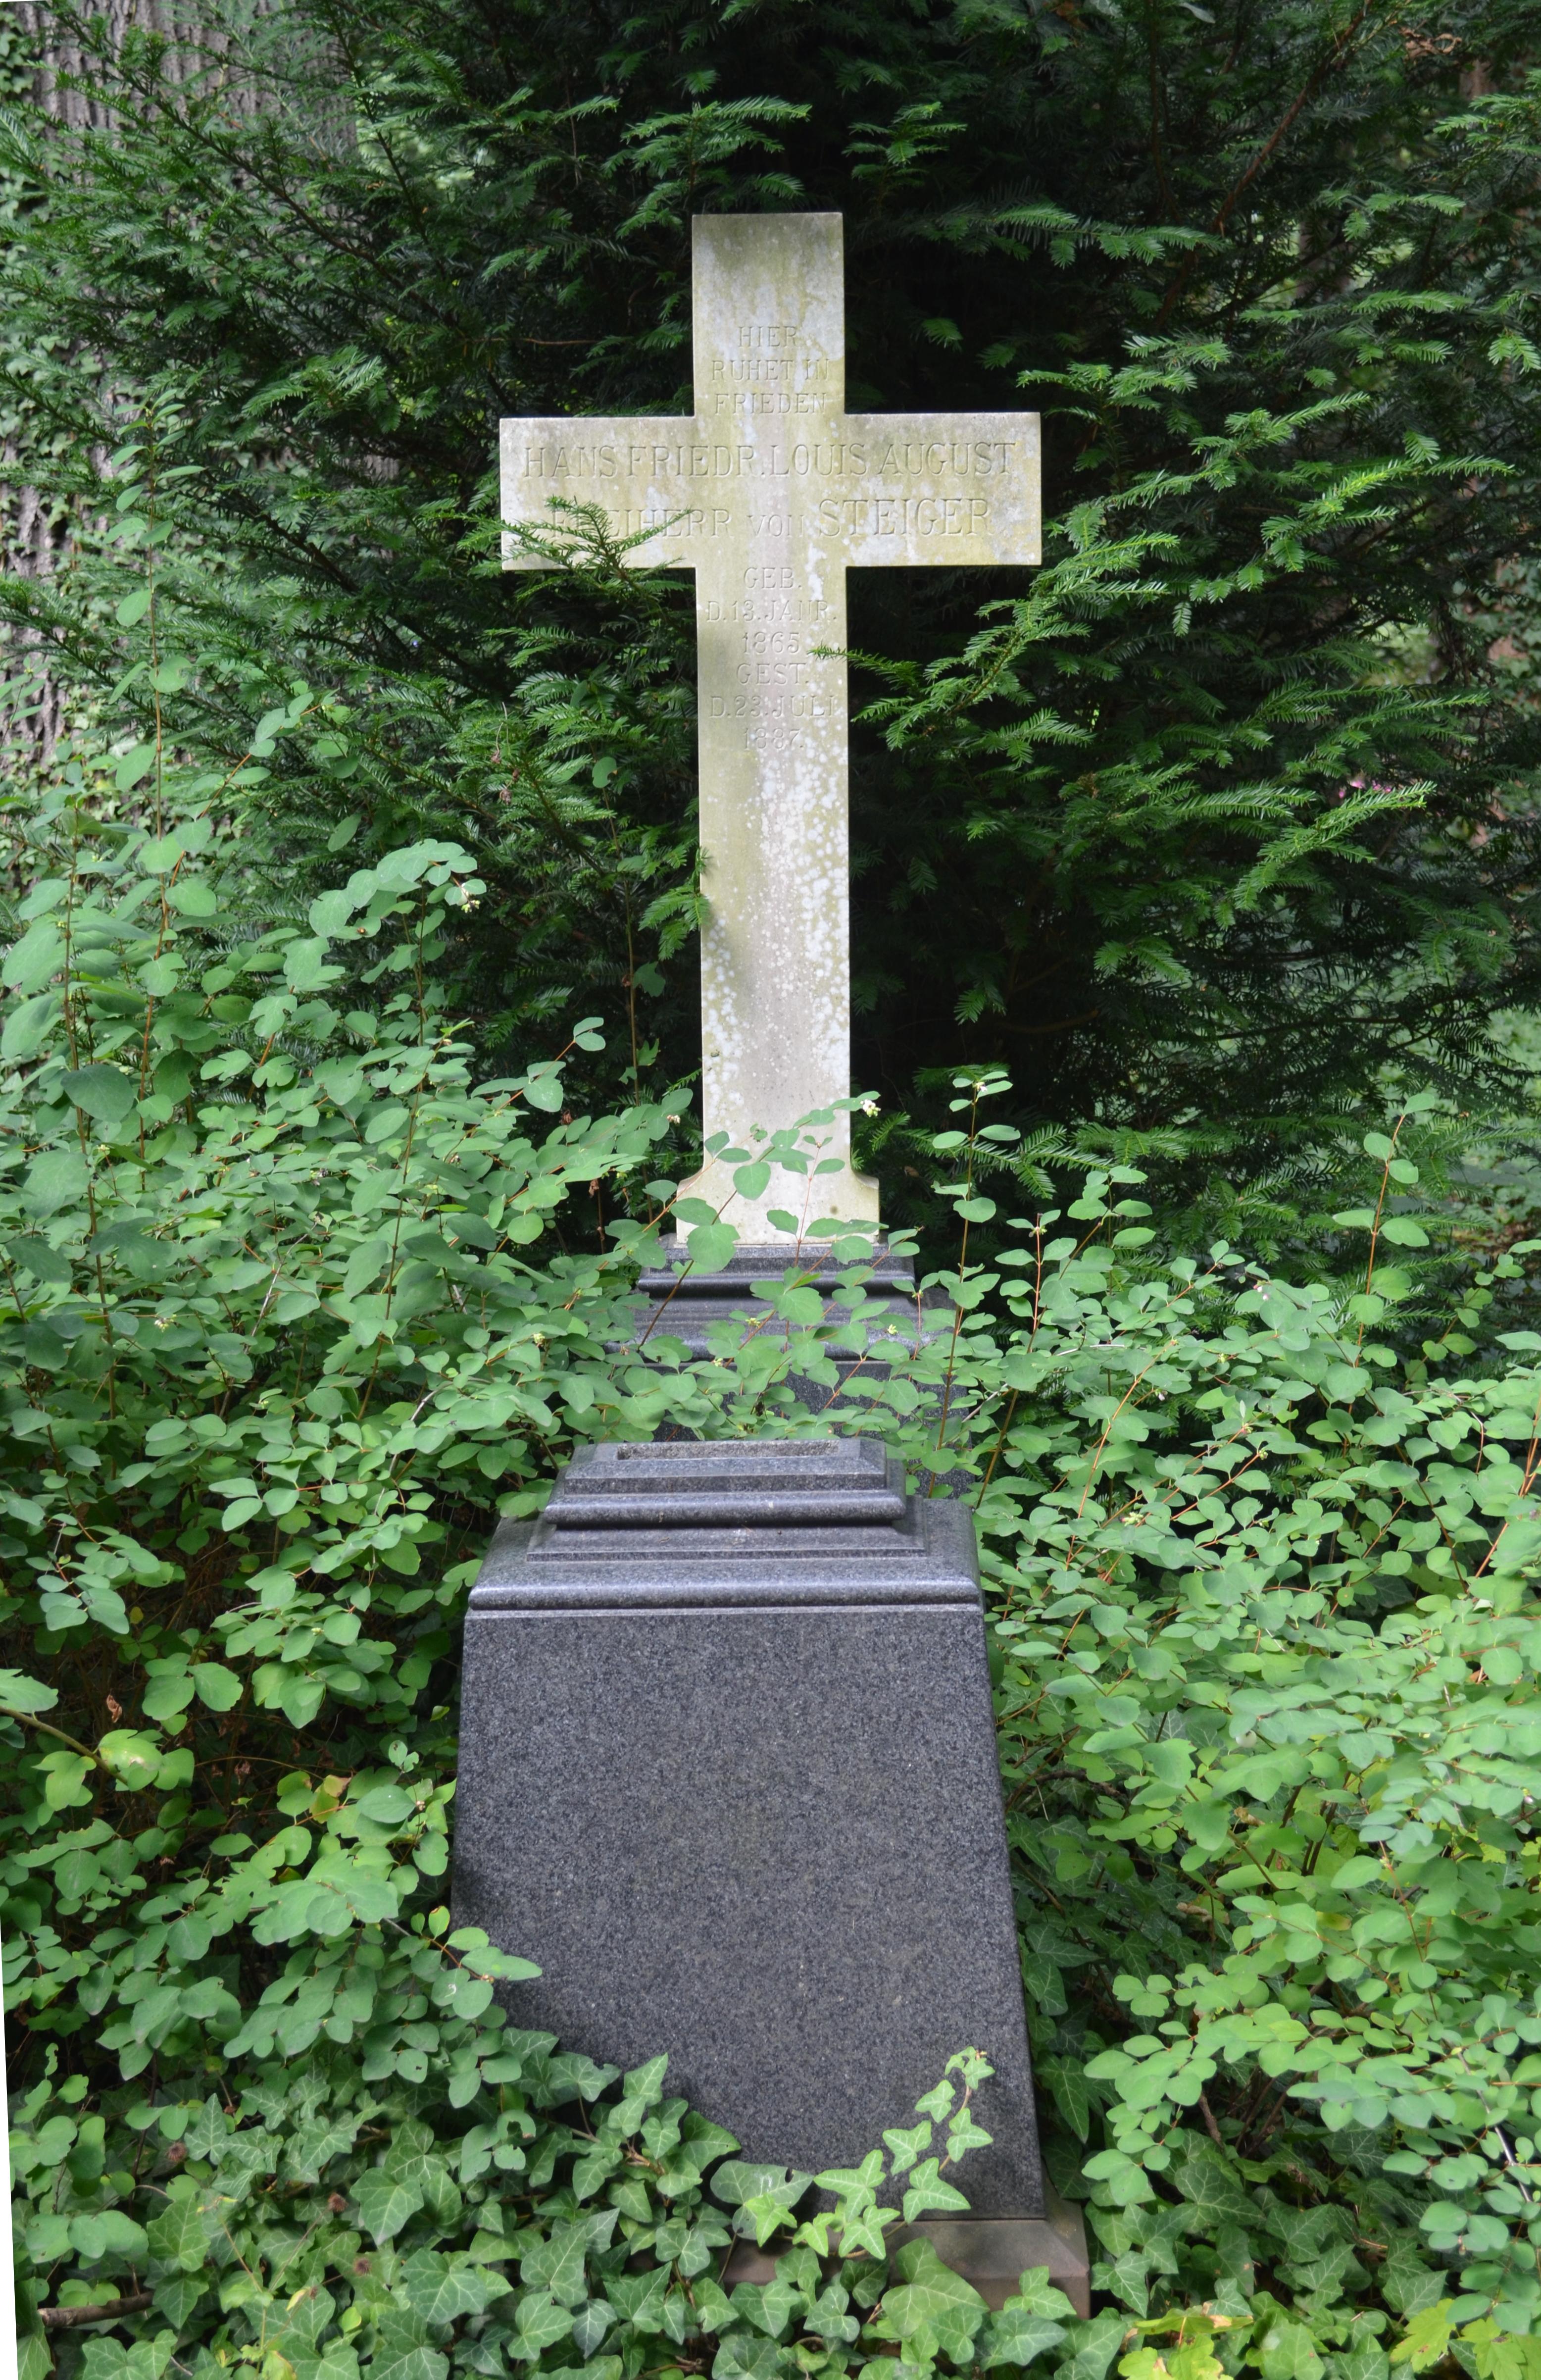 Dateifrankfurt Hauptfriedhof Grab C 54 56 Von Steiger 1878jpg